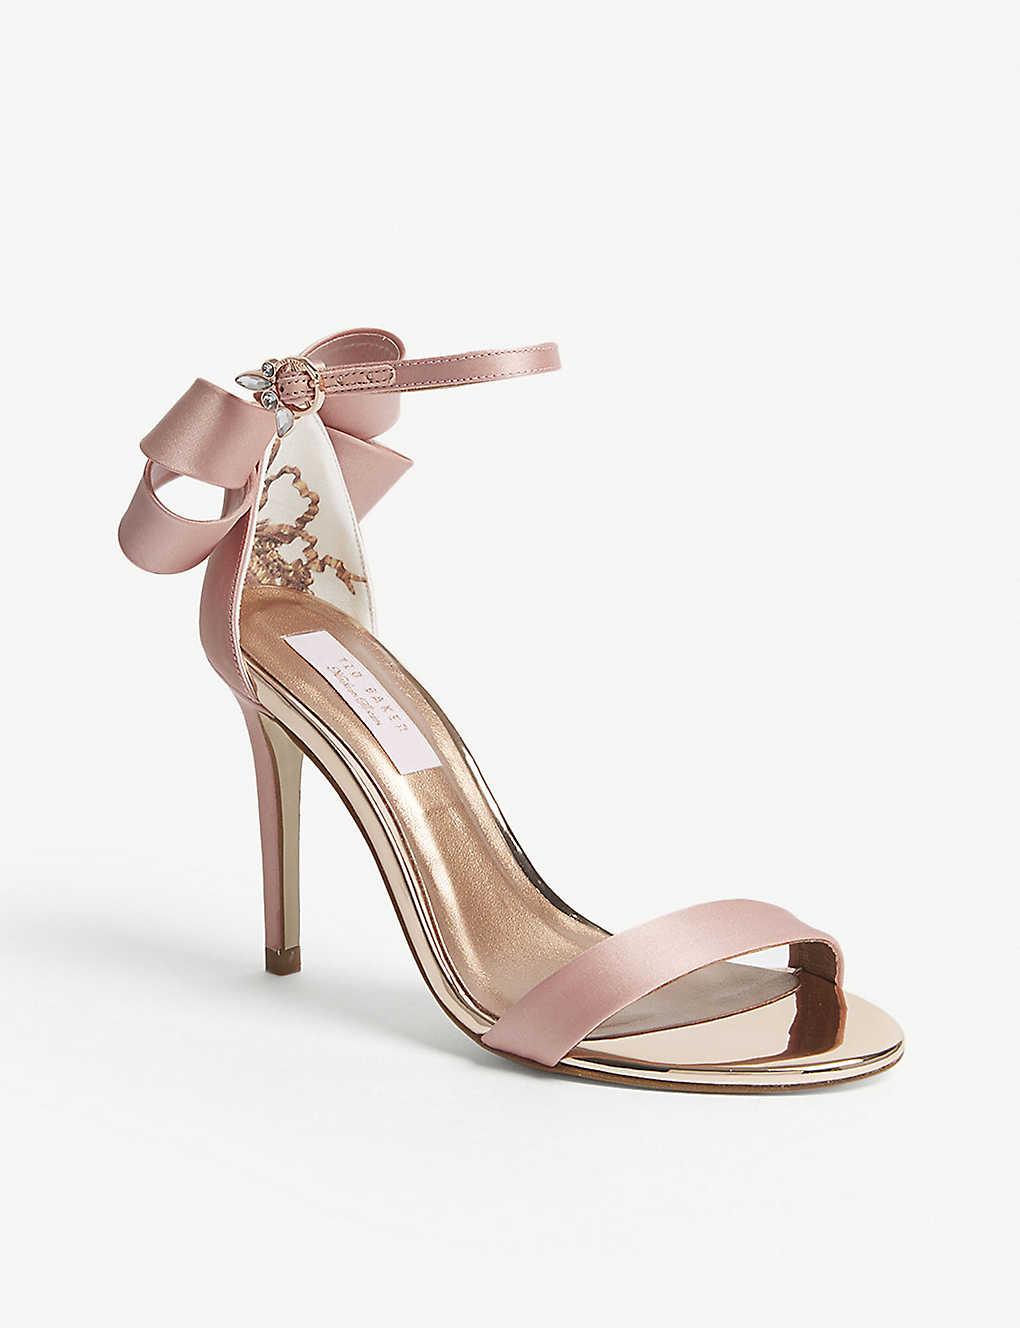 aa4a16cebd2b TED BAKER - Sandalc bow satin sandals